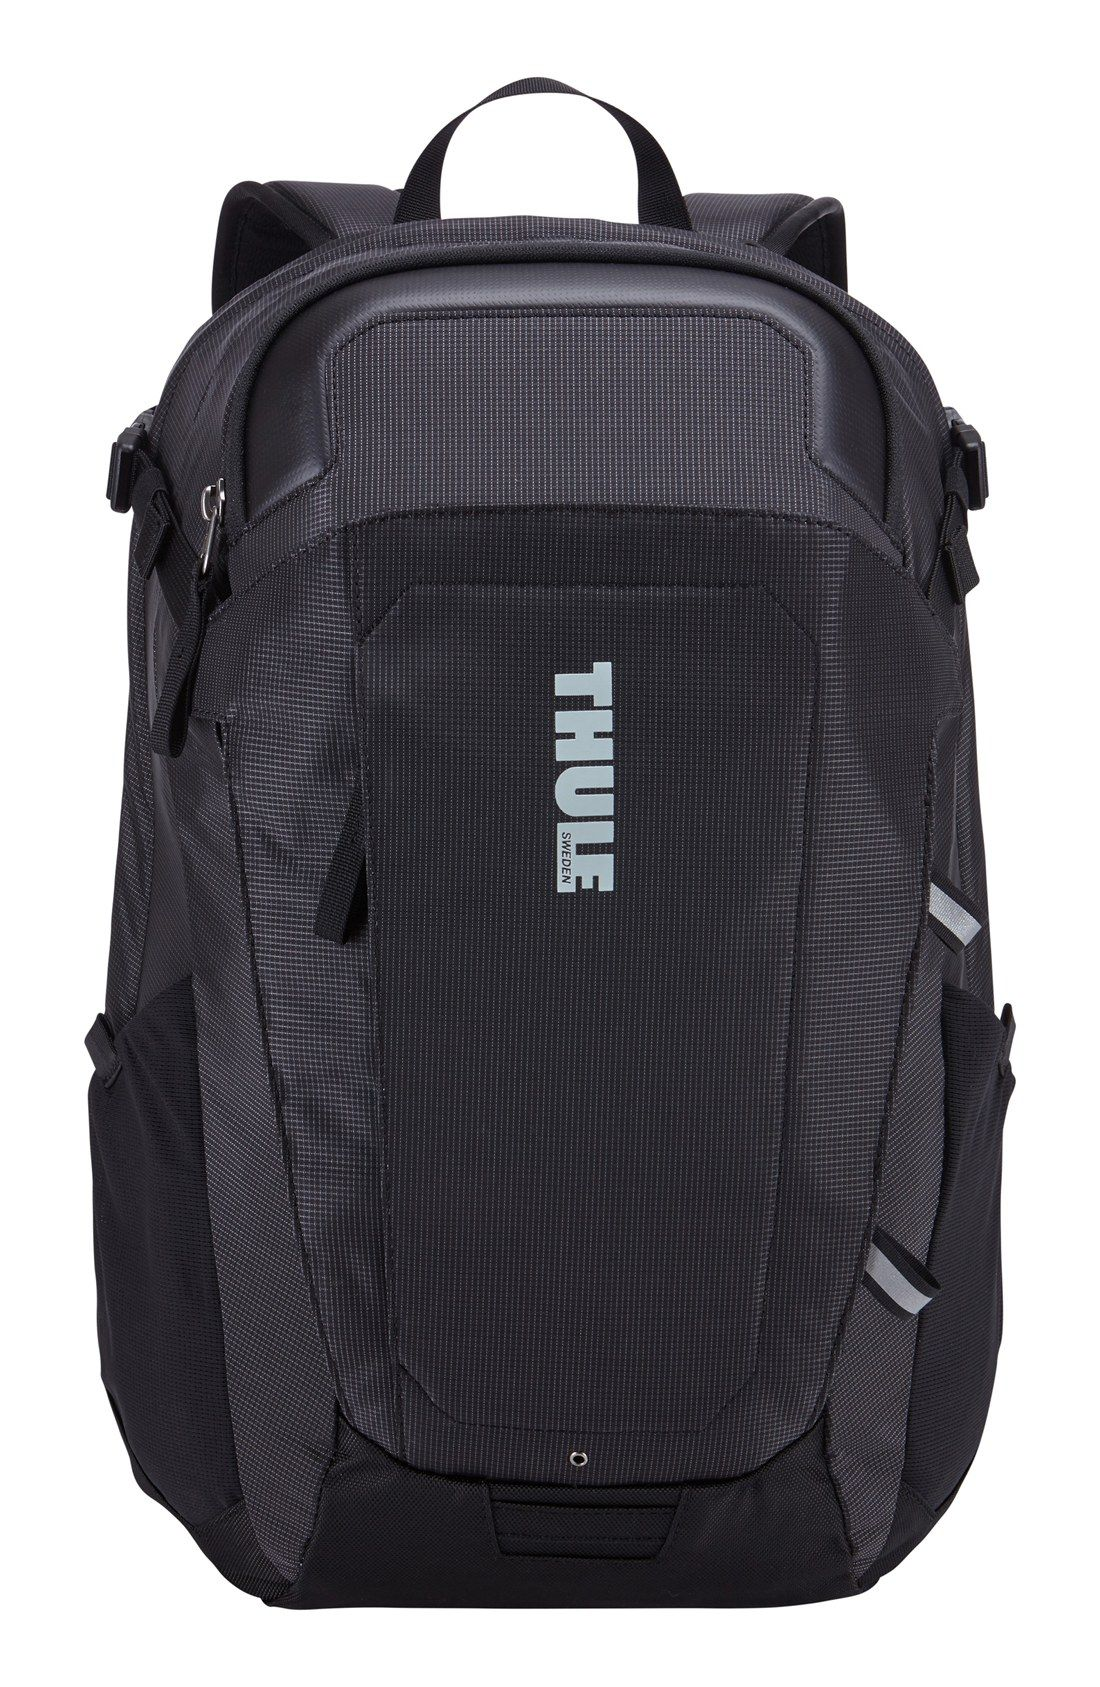 192e2ce7ca9c Thule  EnRoute - Triumph 2  Backpack (21 Liter)